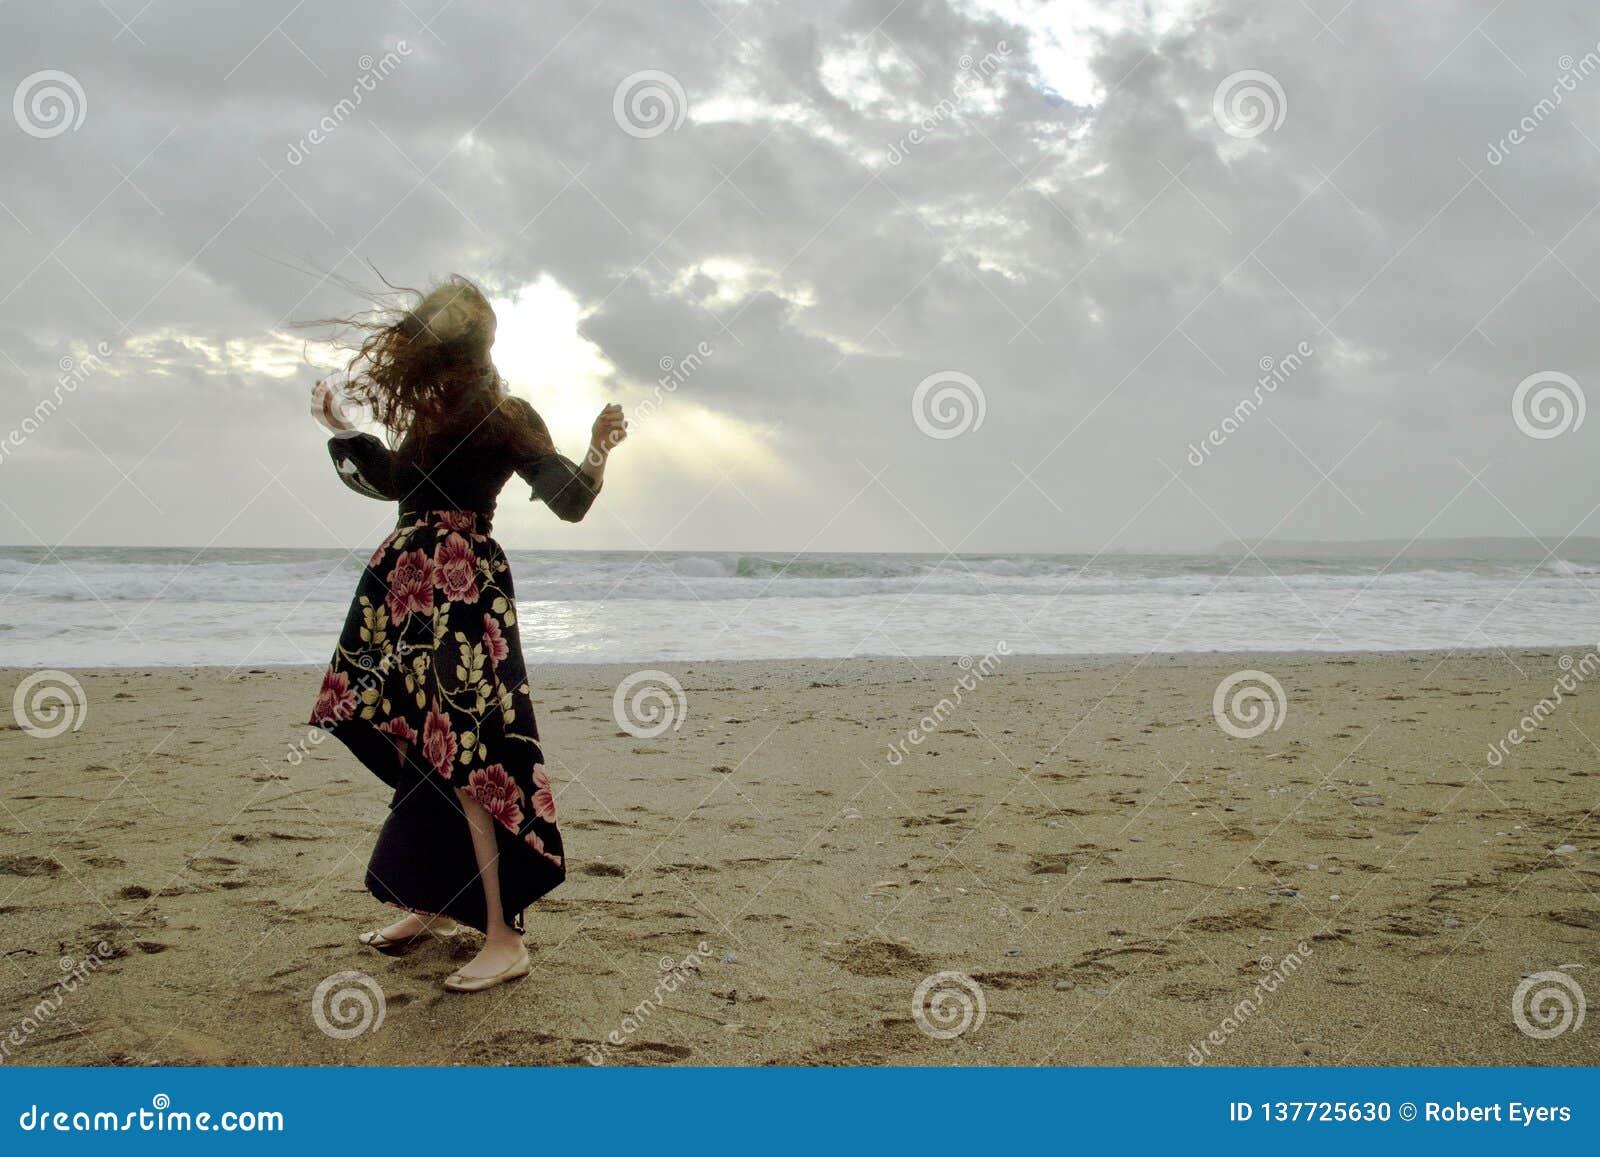 Drastisches Porträt langhaariger Dame in der Blumengesellschaftskleidung auf einem stürmischen Strand vor der Sonne